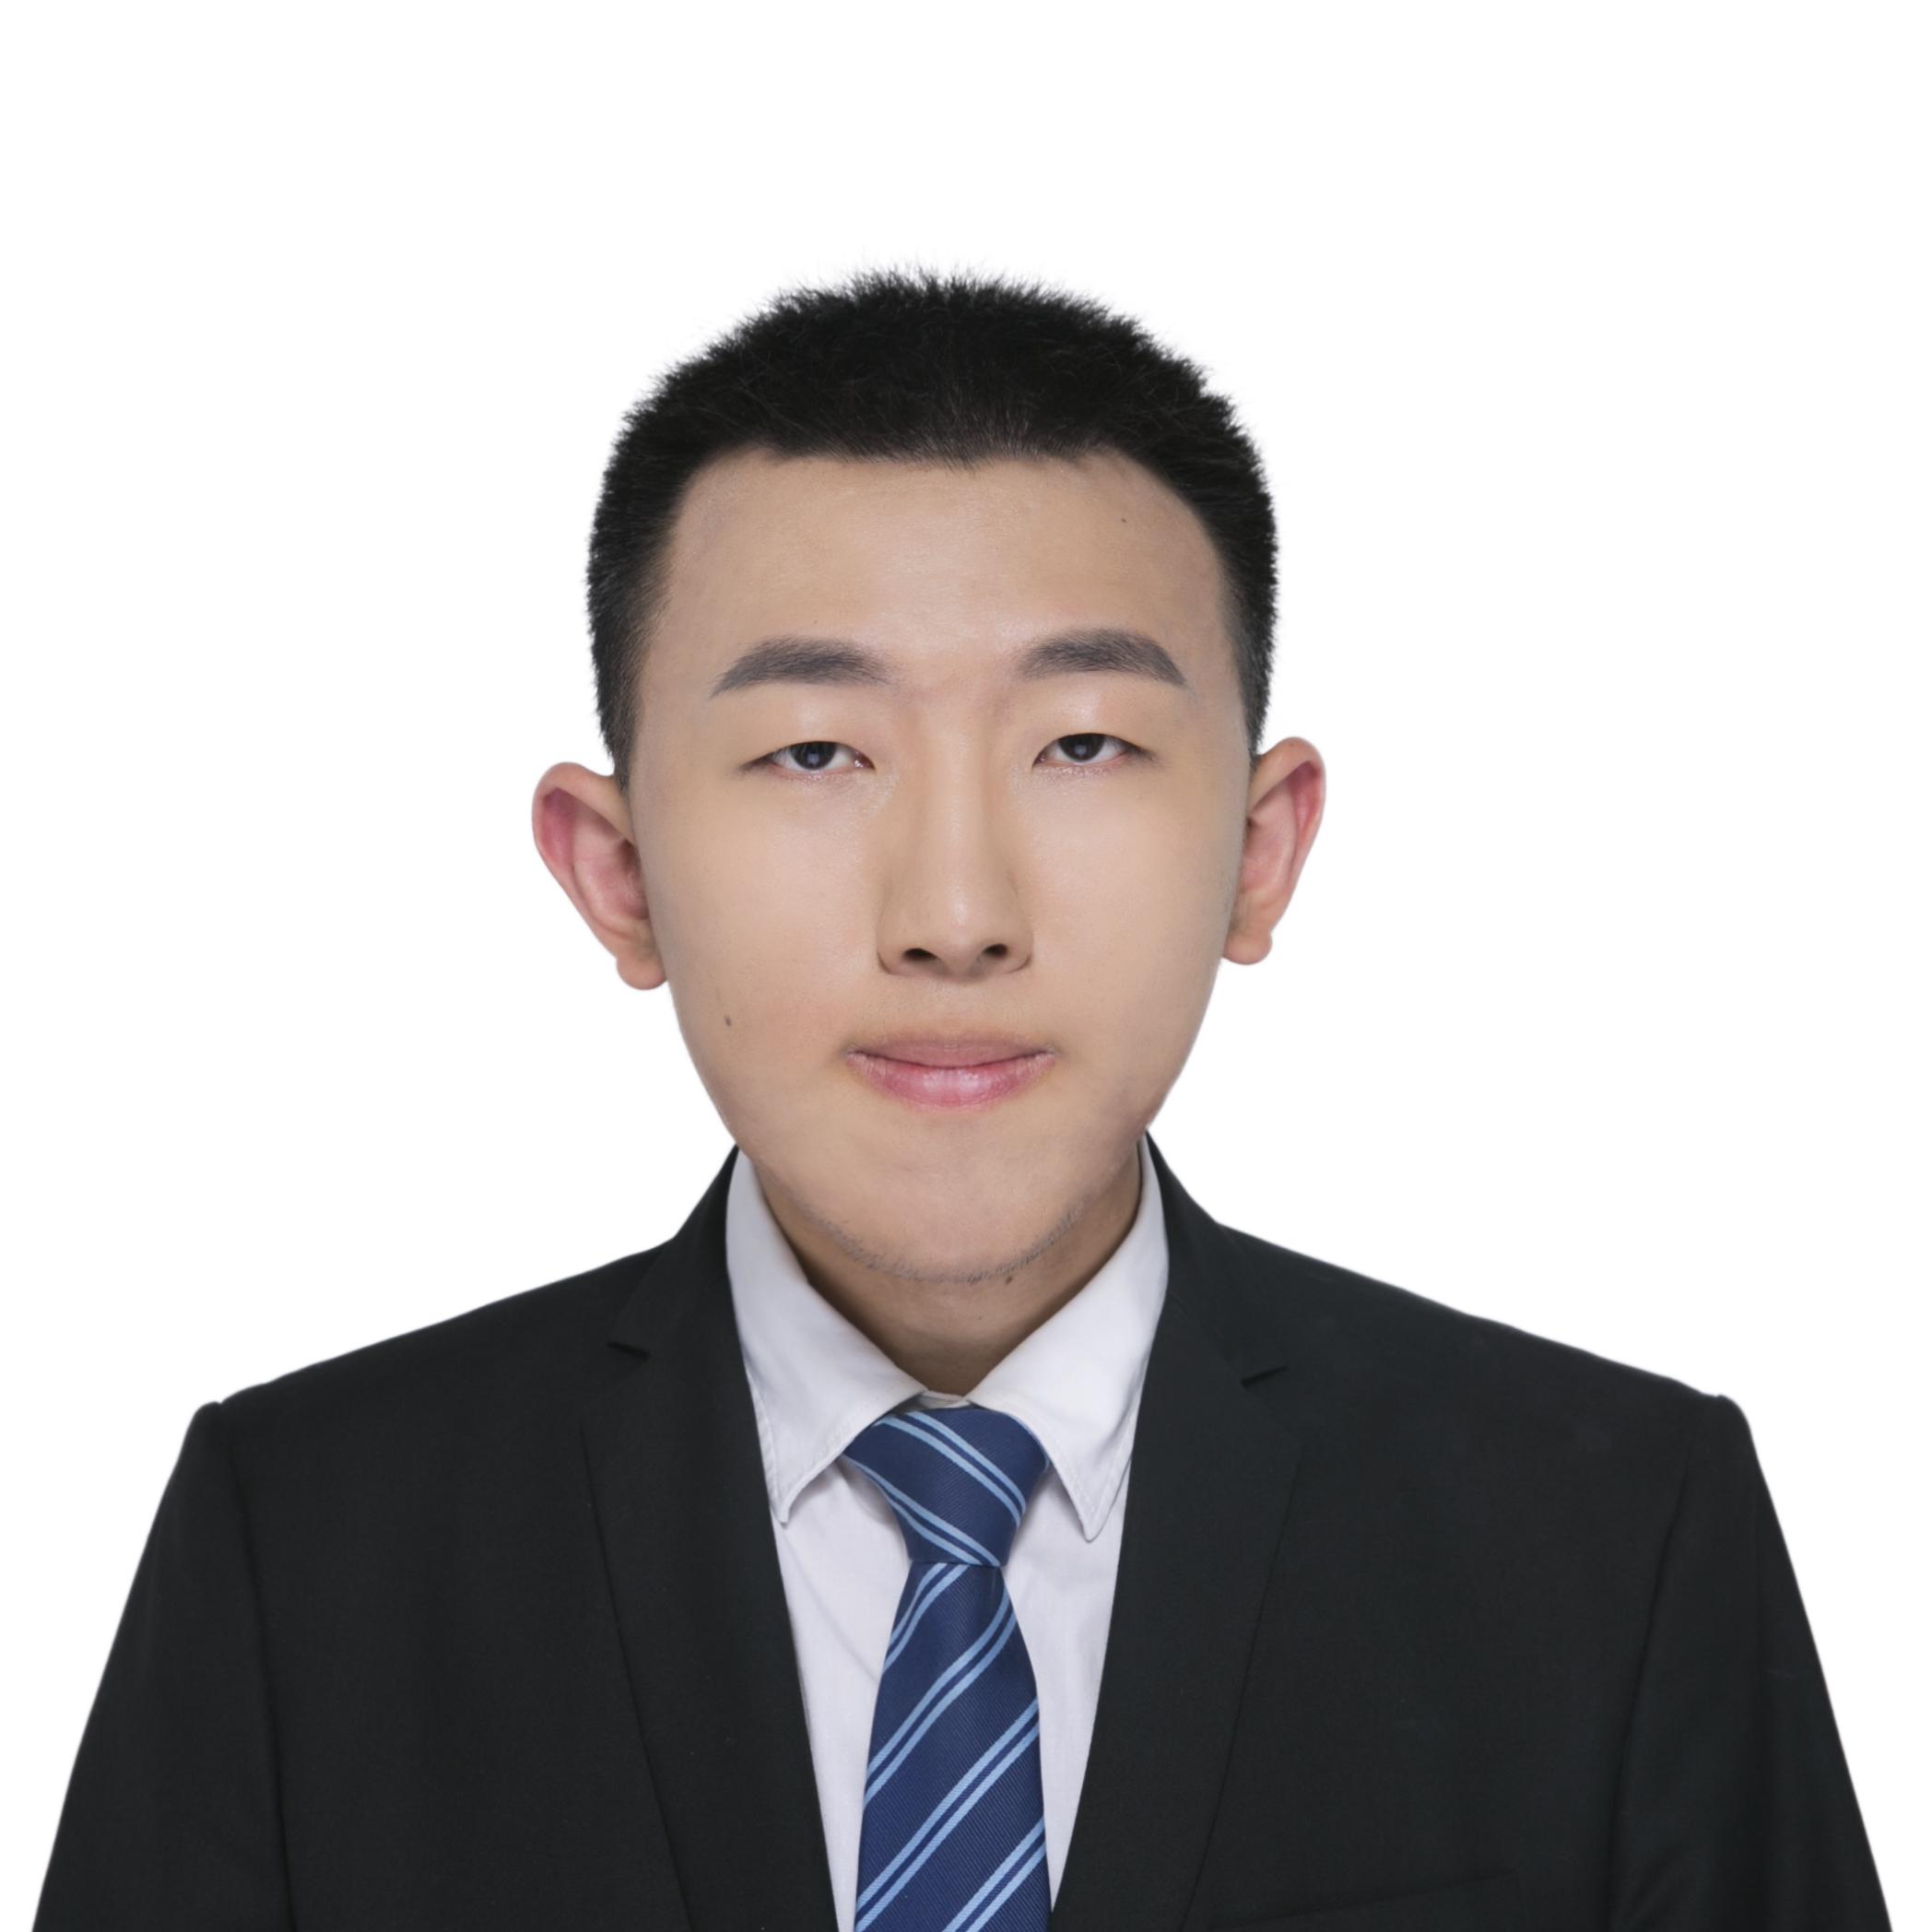 Tianyu Shi